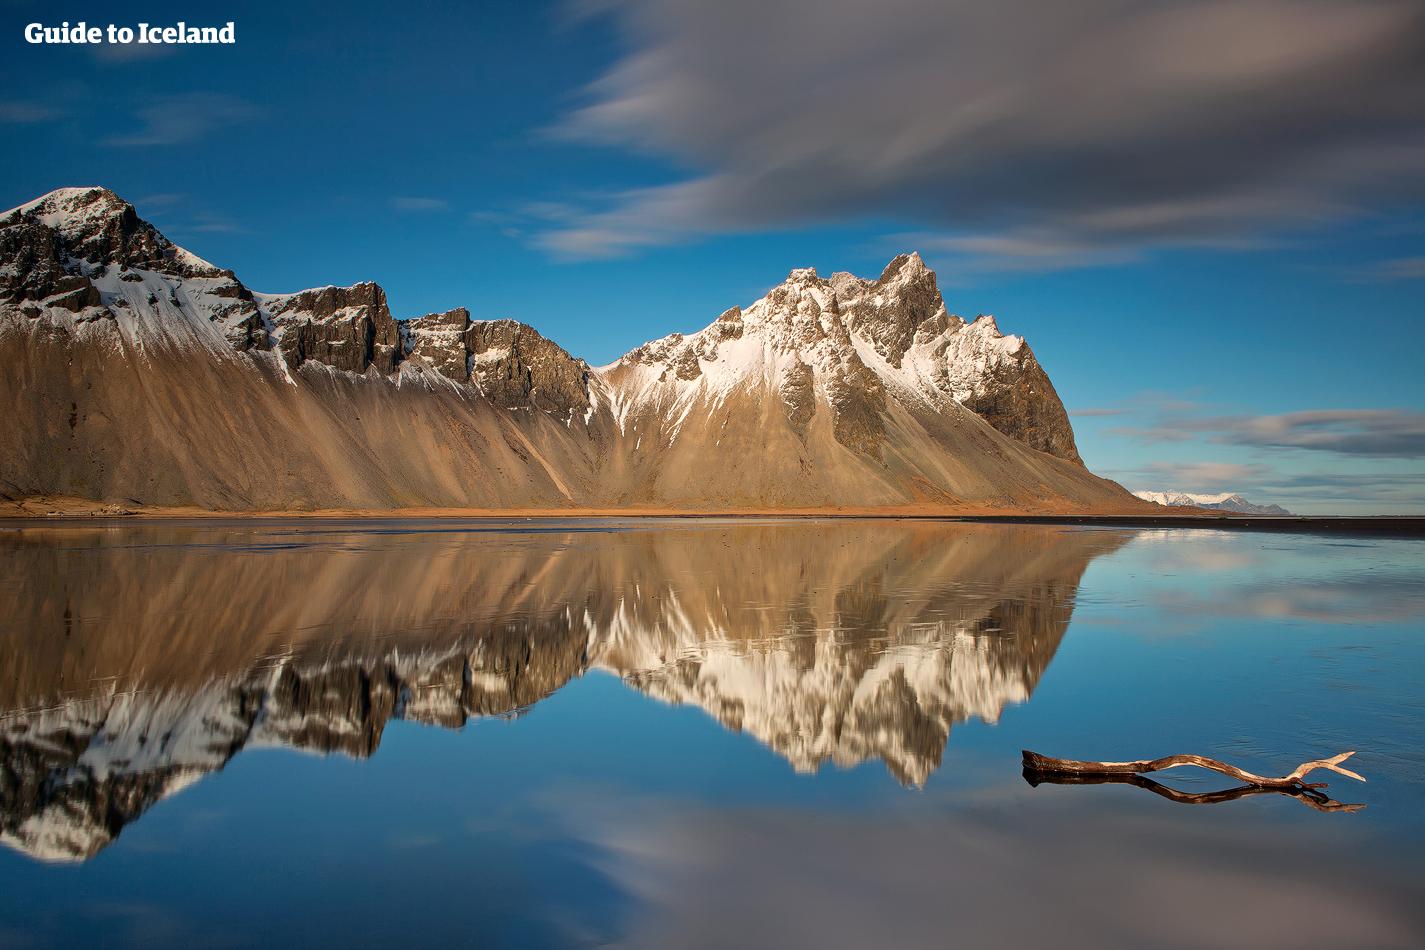 アイスランド」の検索結果 - Yah...